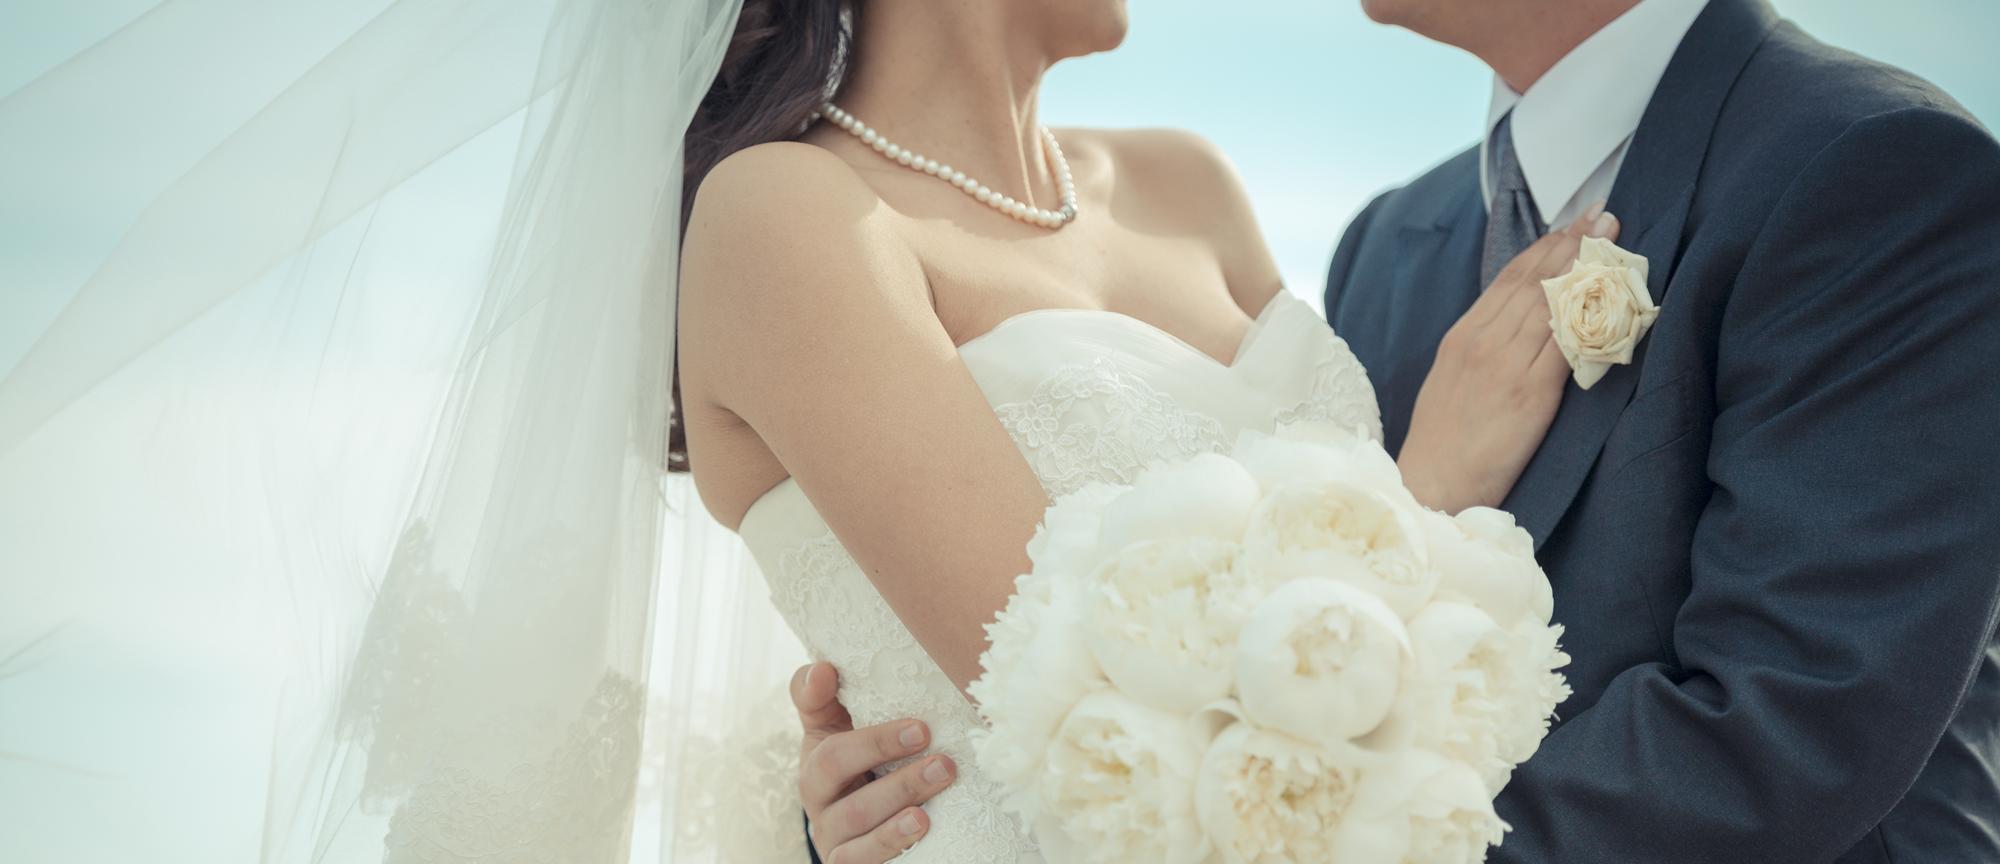 tratamientos-boda-novias-maribel-yebenes